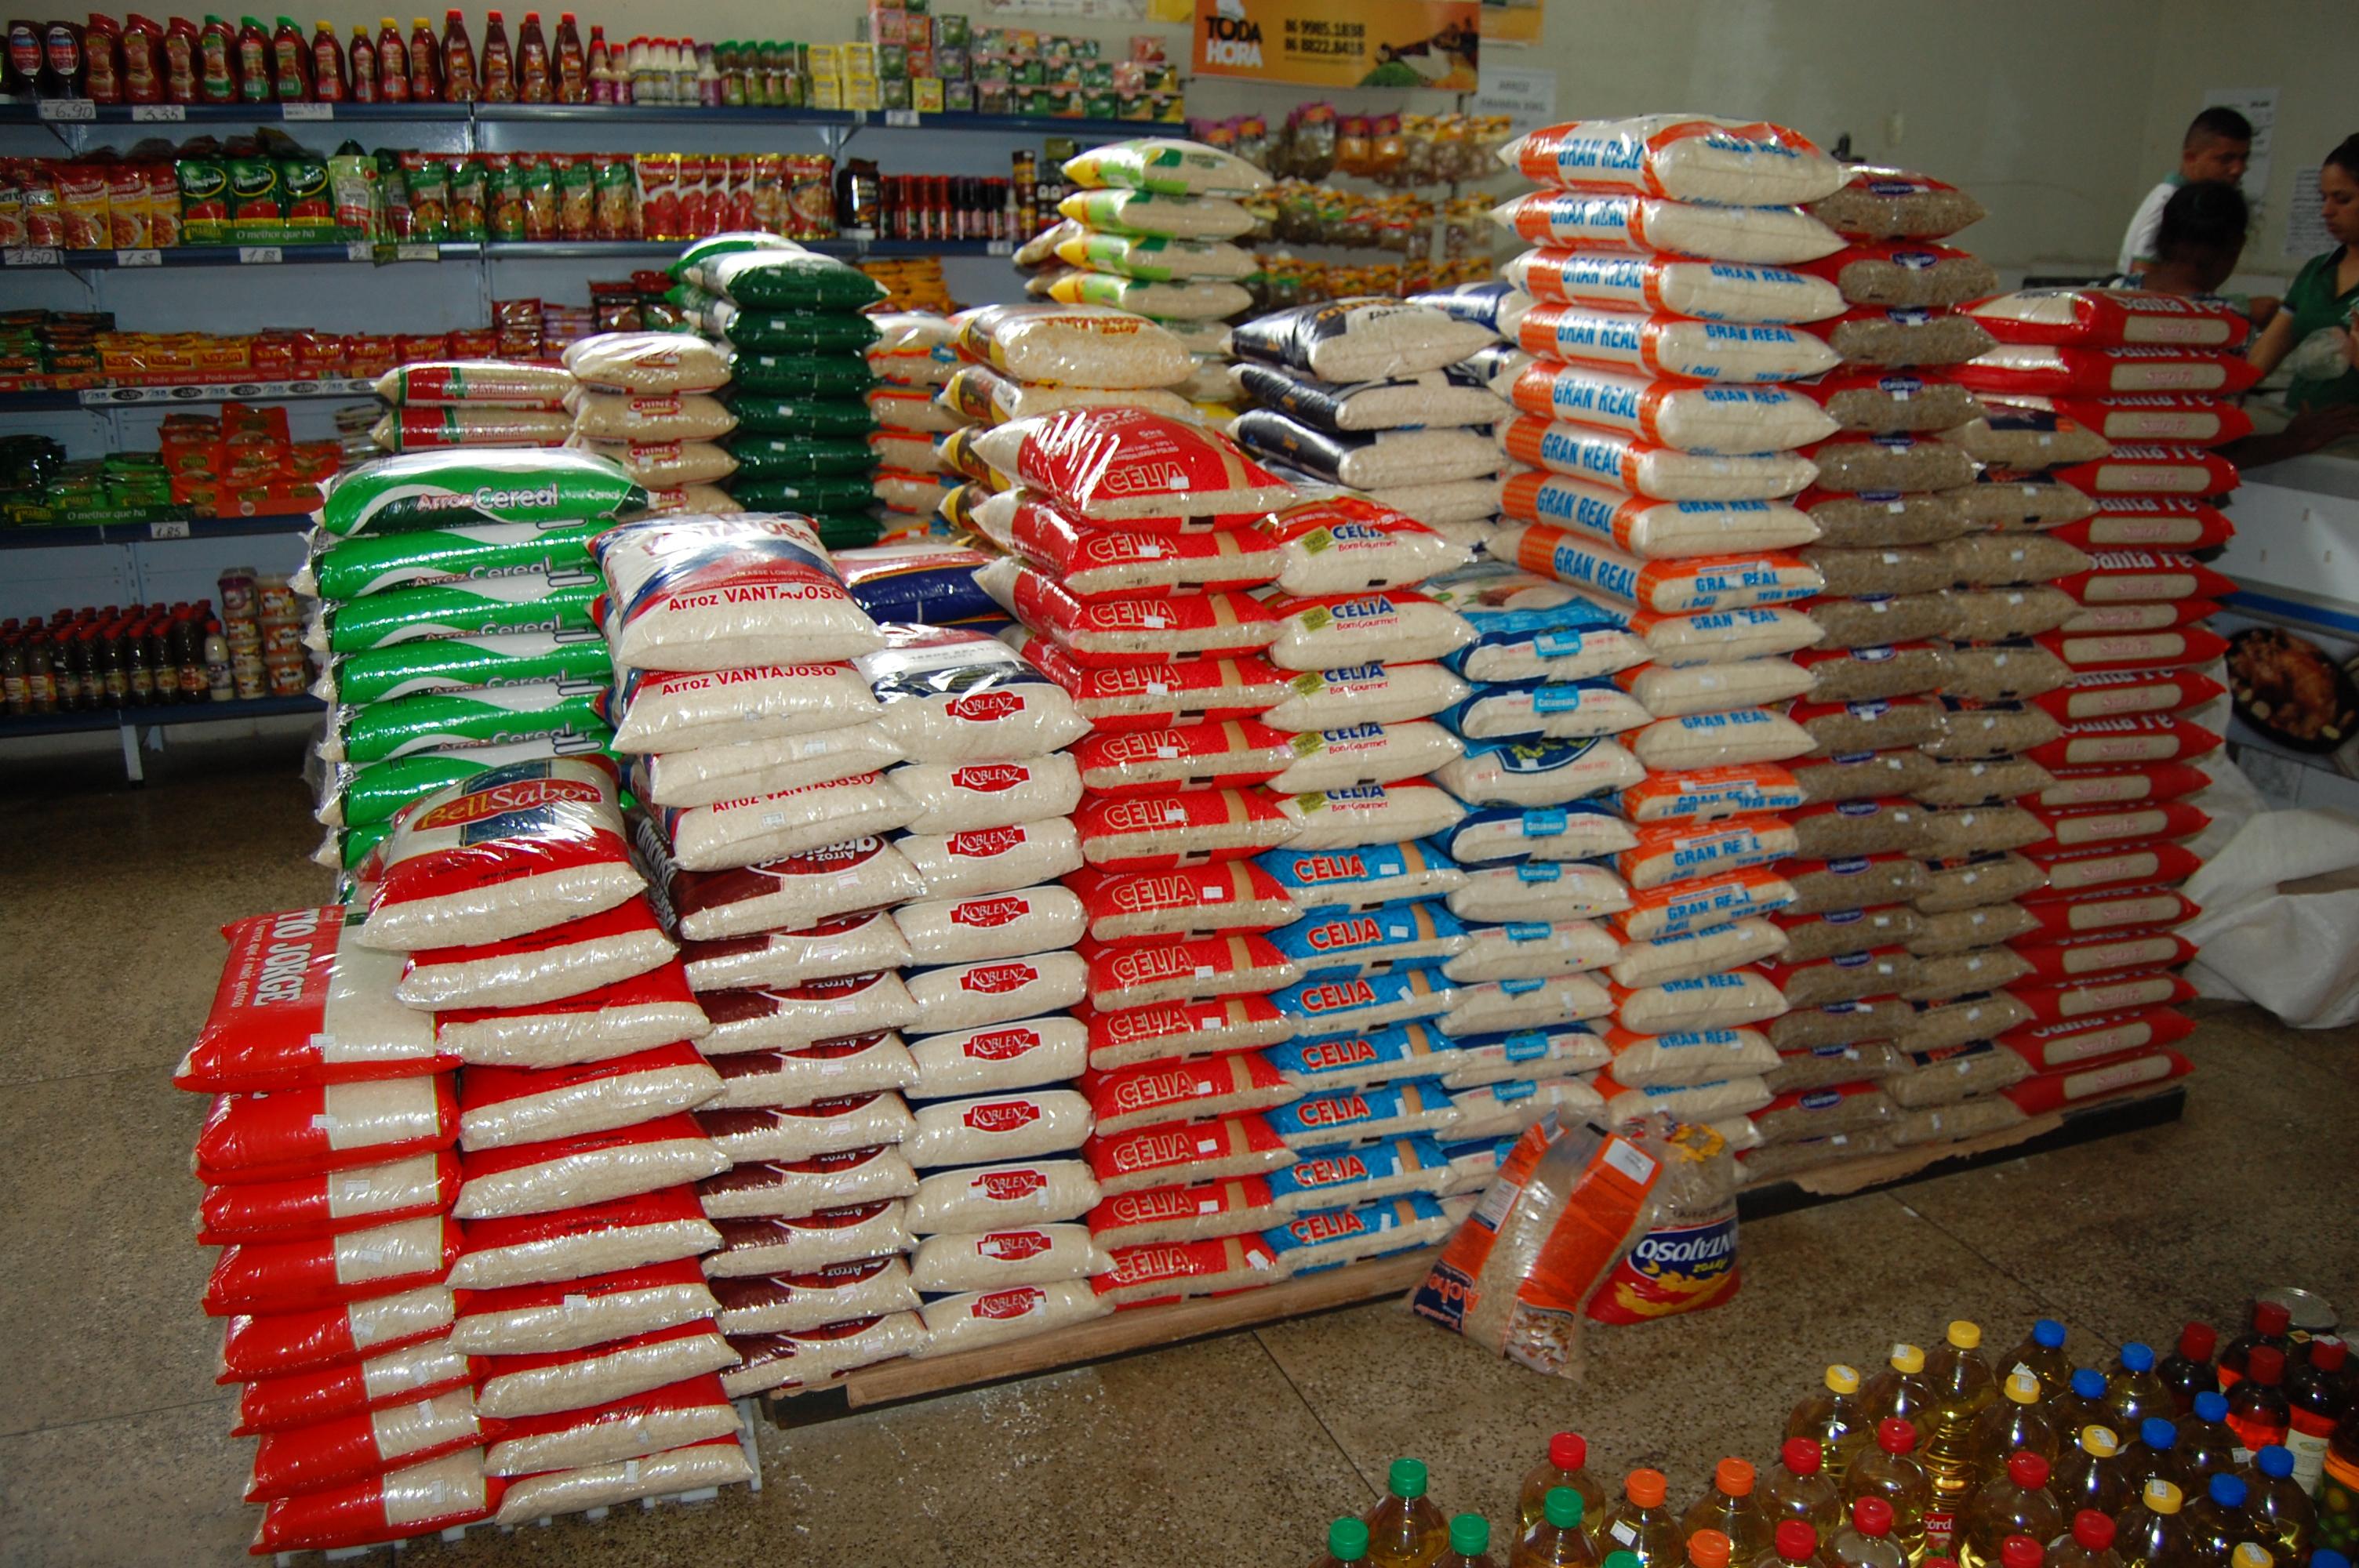 Supermercado Martins (27)